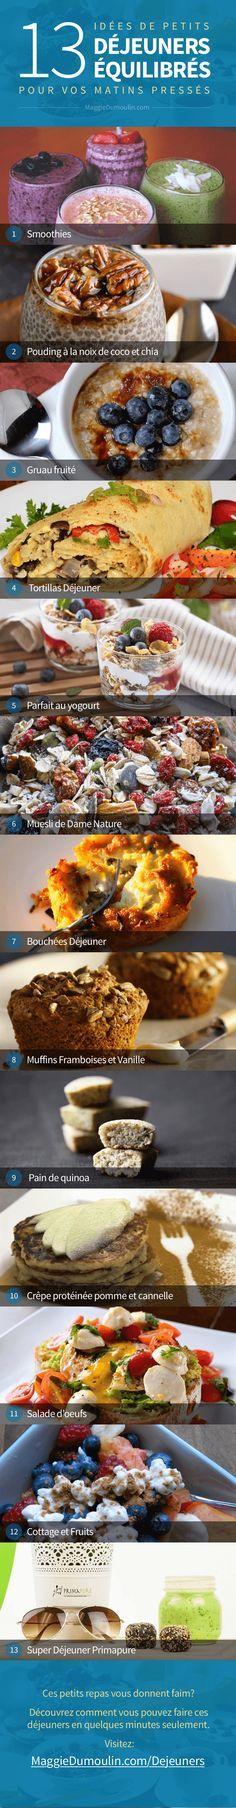 12 Idées de petits déjeuners santé pour les matins pressés